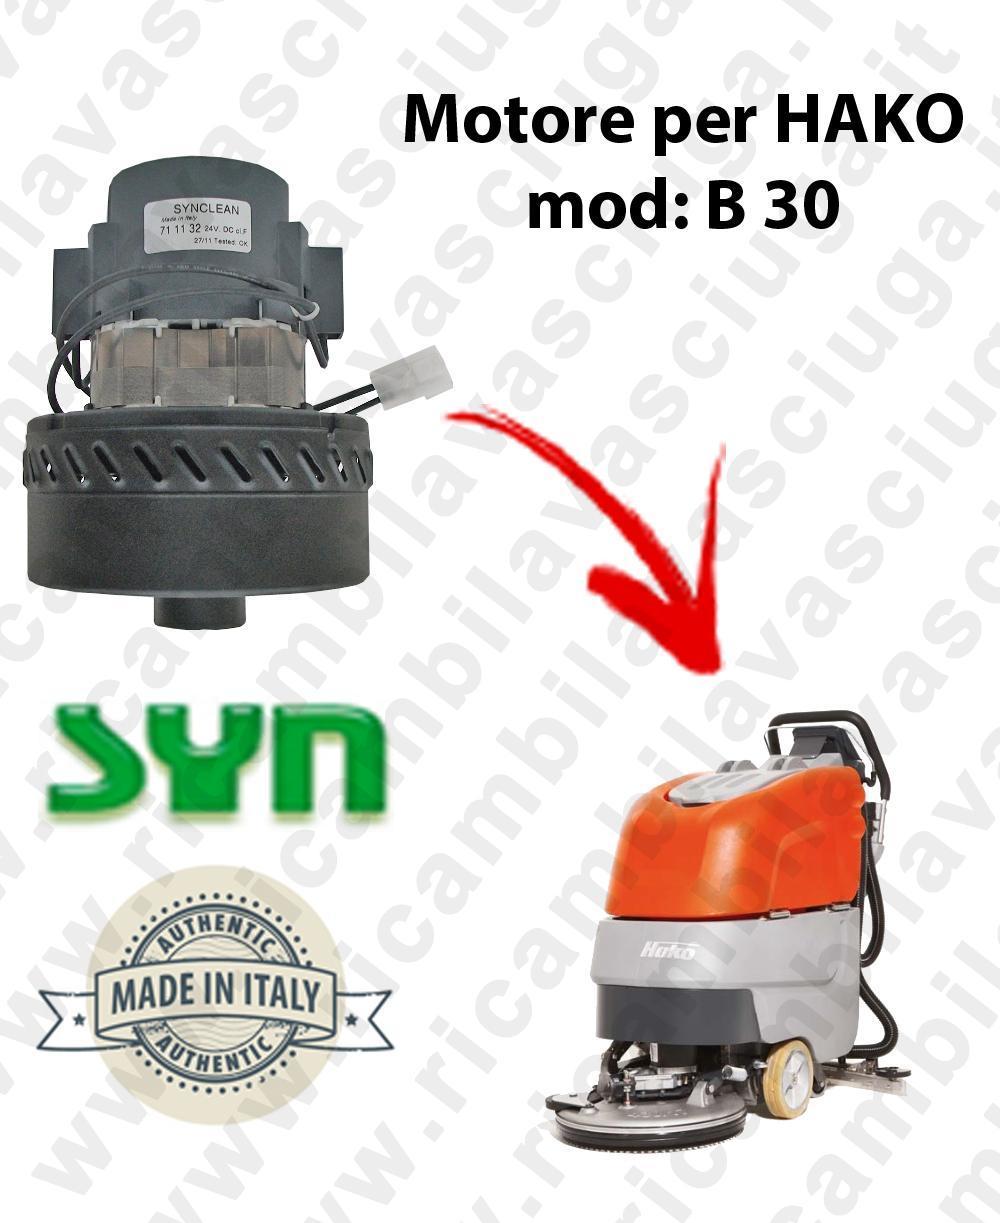 B 30 Saugmotor SYNCLEAN für scheuersaugmaschinen HAKO